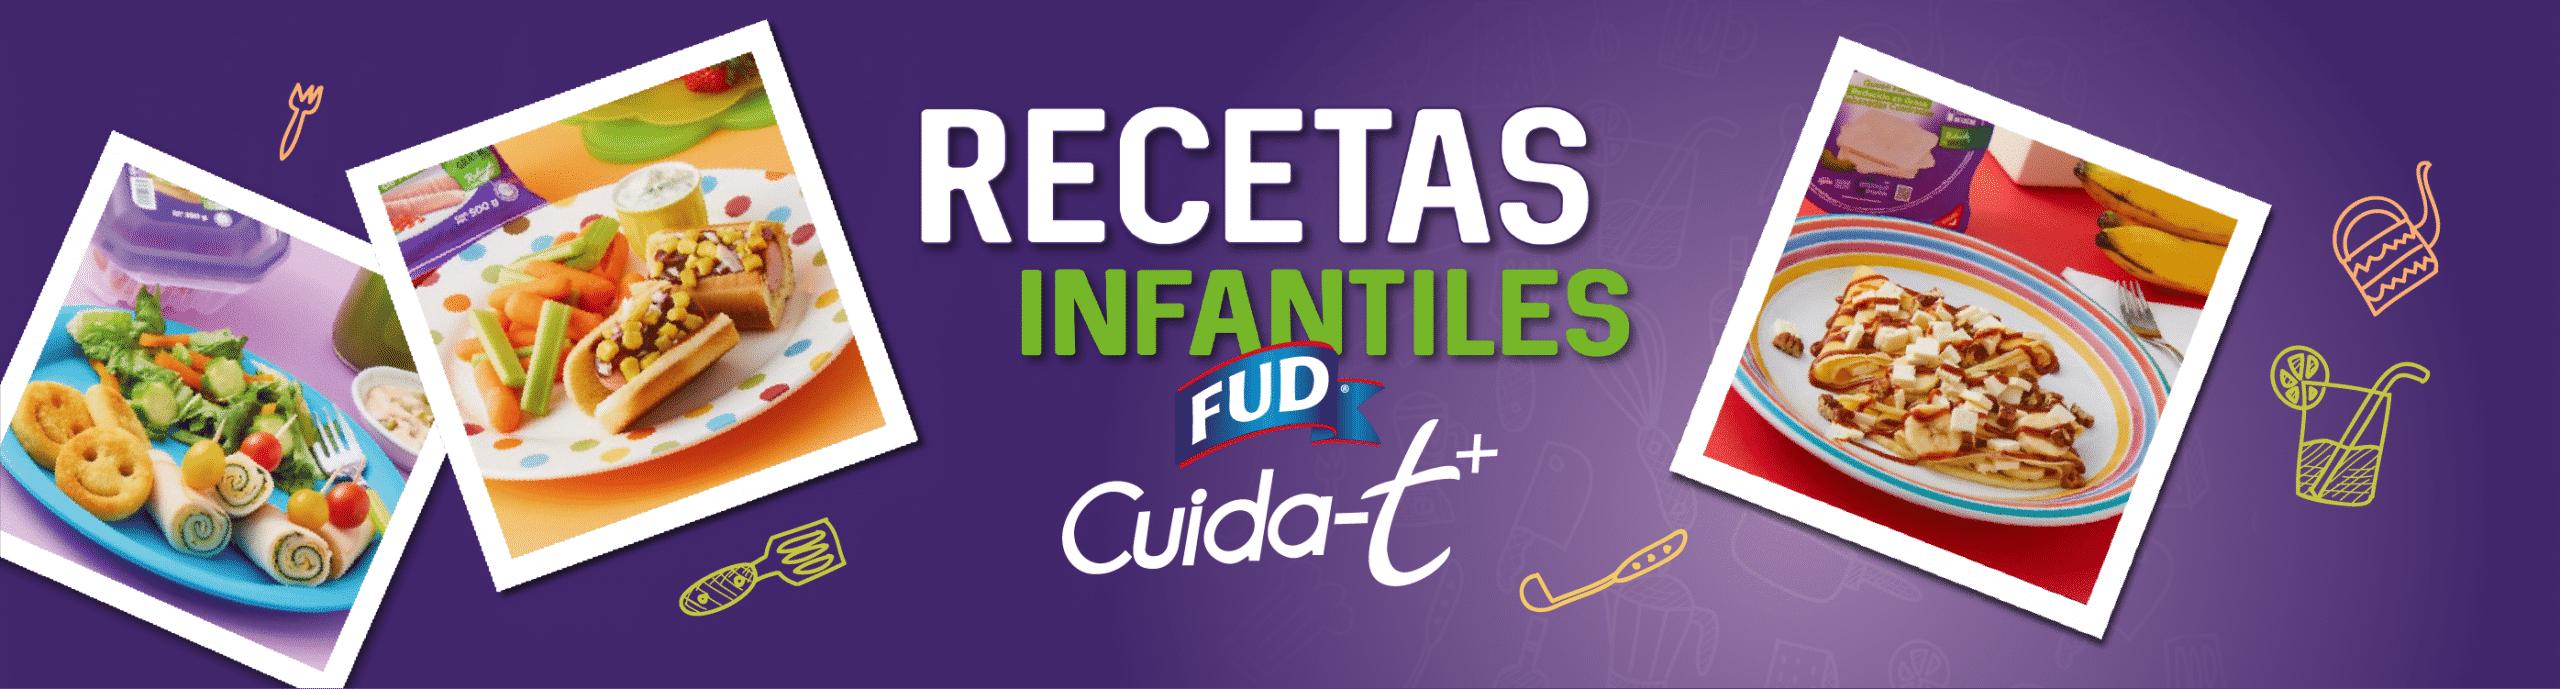 Recetas infantiles con FUD CuidaT+